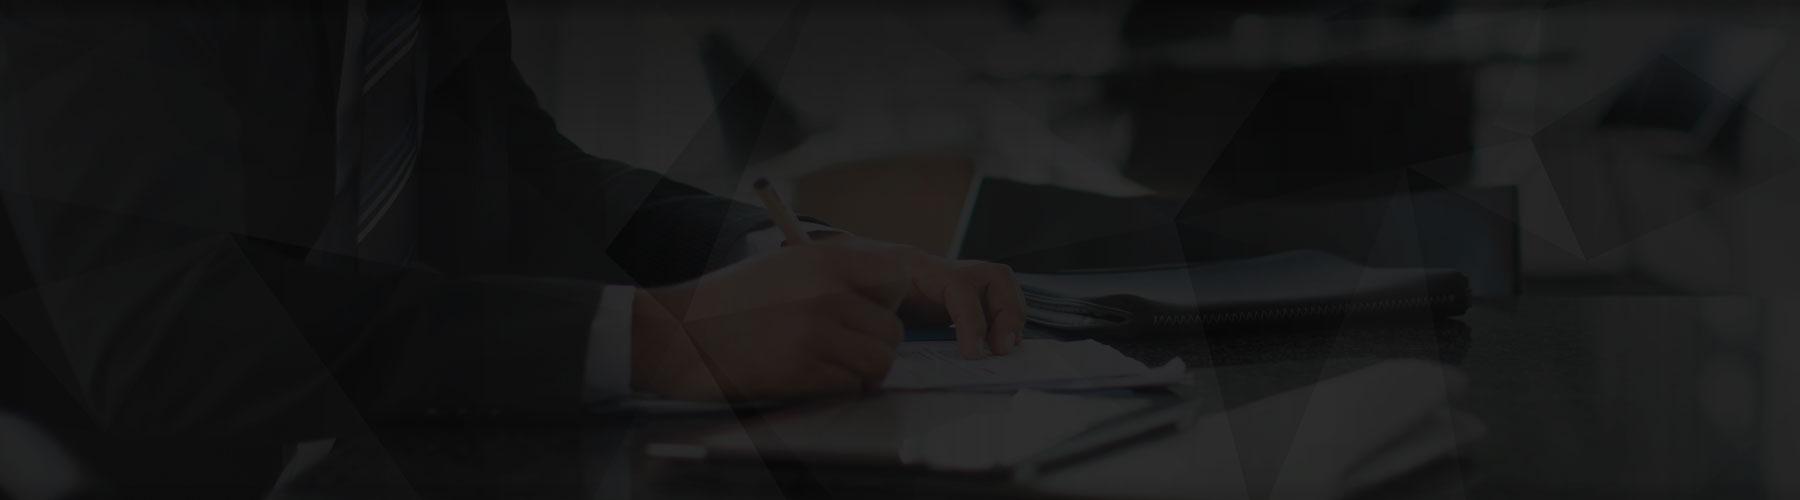 Optymalizacja i pozycjonowanie serwisów WWW.